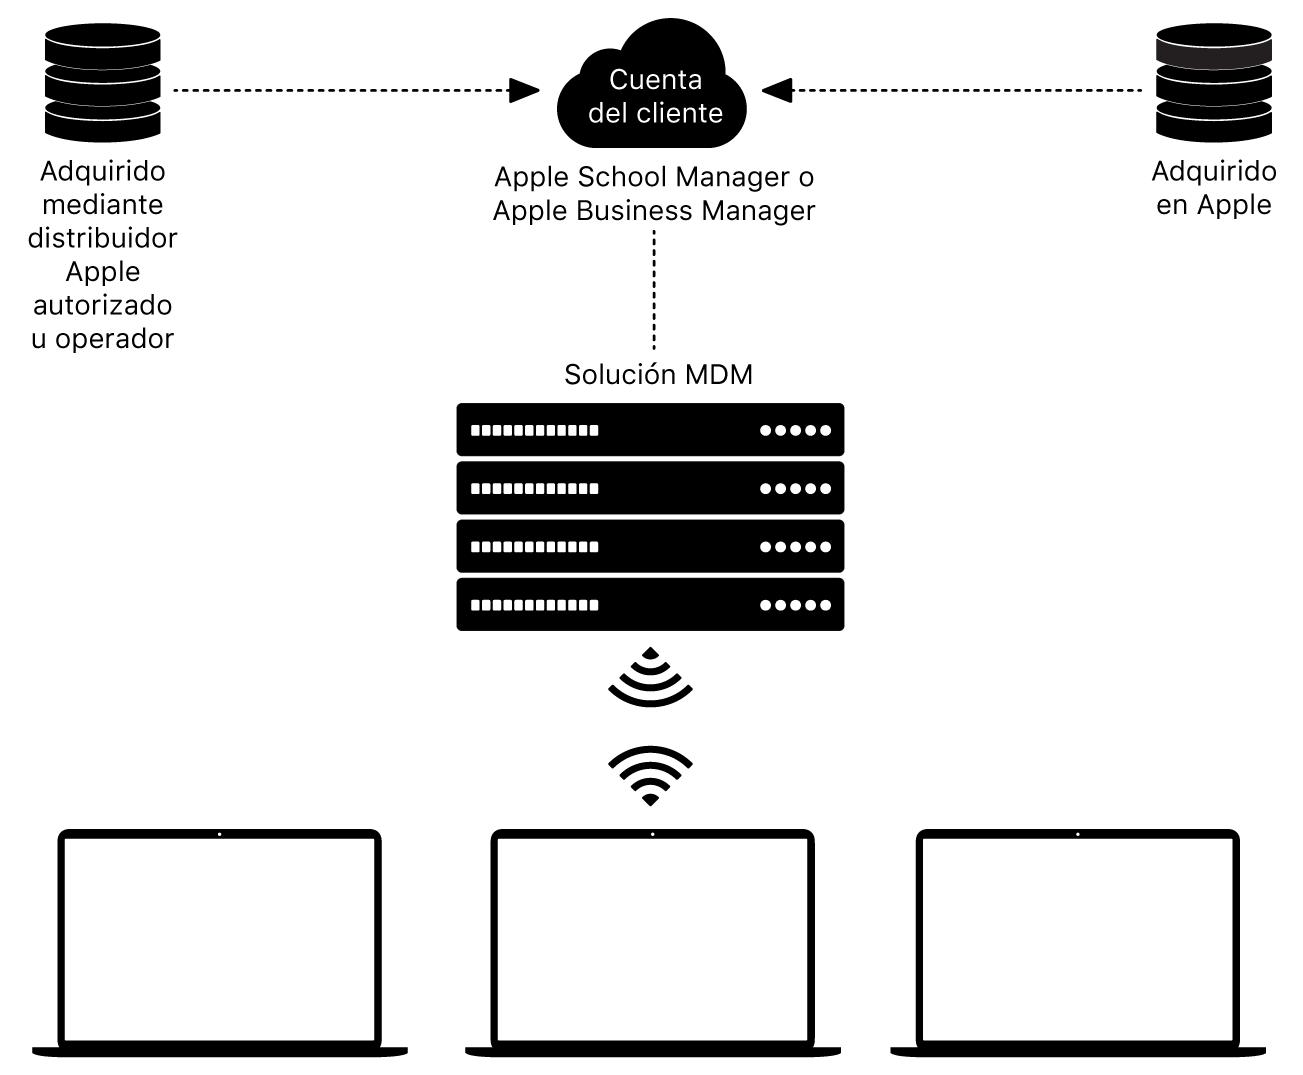 Cómo funcionan Apple School Manager y Apple Business Manager.